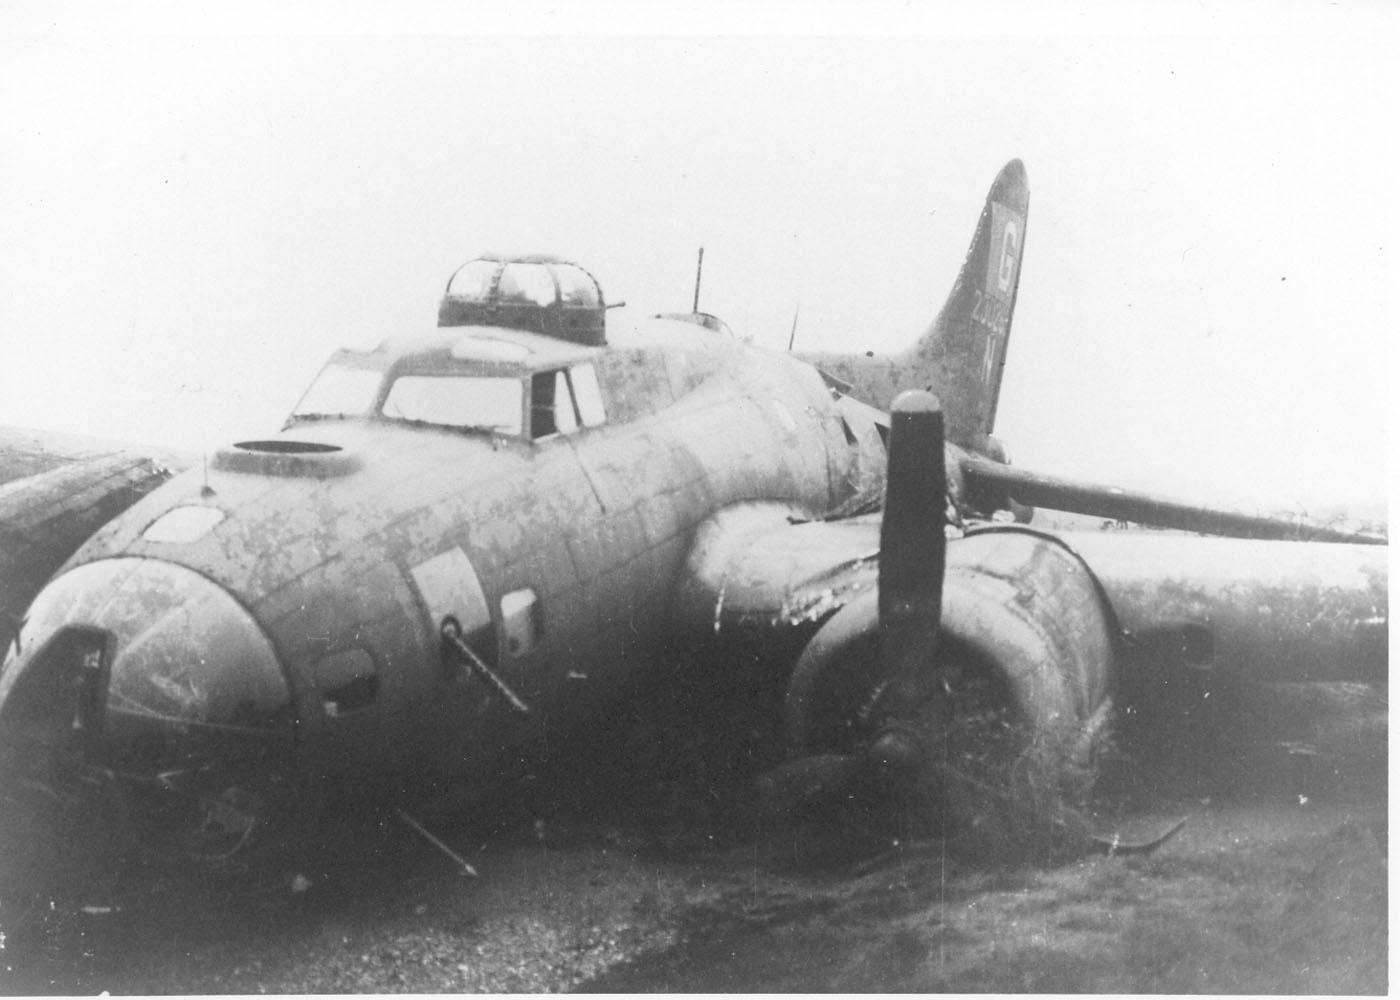 B-17 #42-30263 / Pregnant Portia aka Portia's Revenge